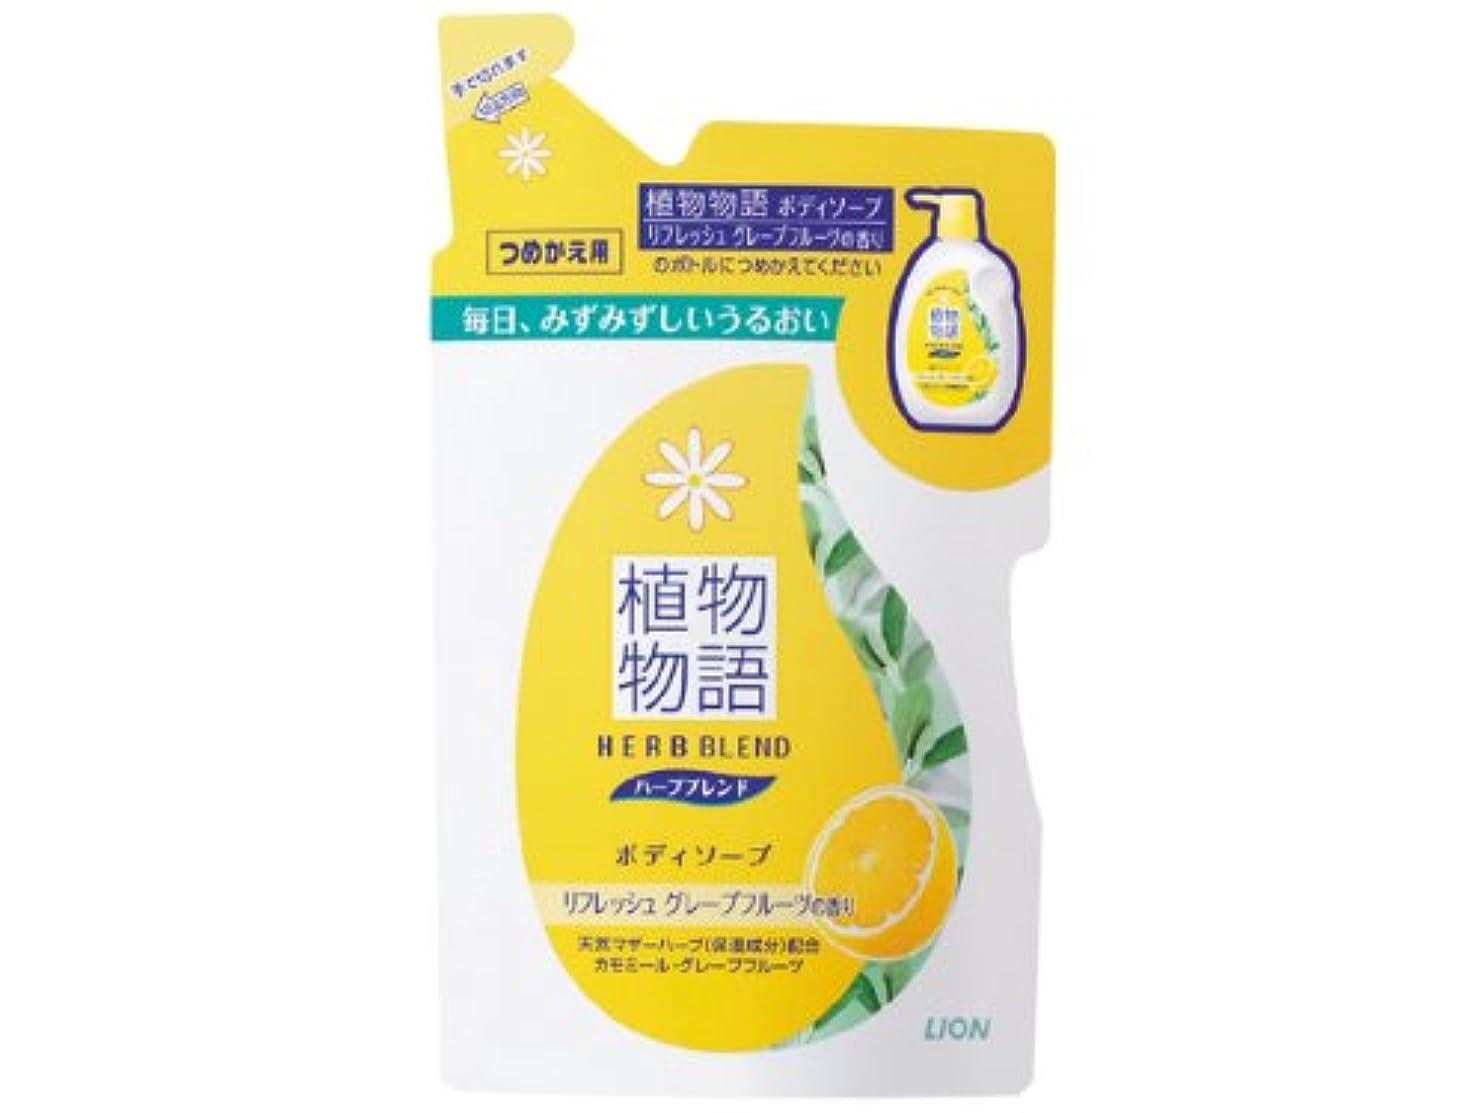 エージェントモトリーアリーナ植物物語 ハーブブレンド ボディソープ リフレッシュグレープフルーツの香り つめかえ用 420ml